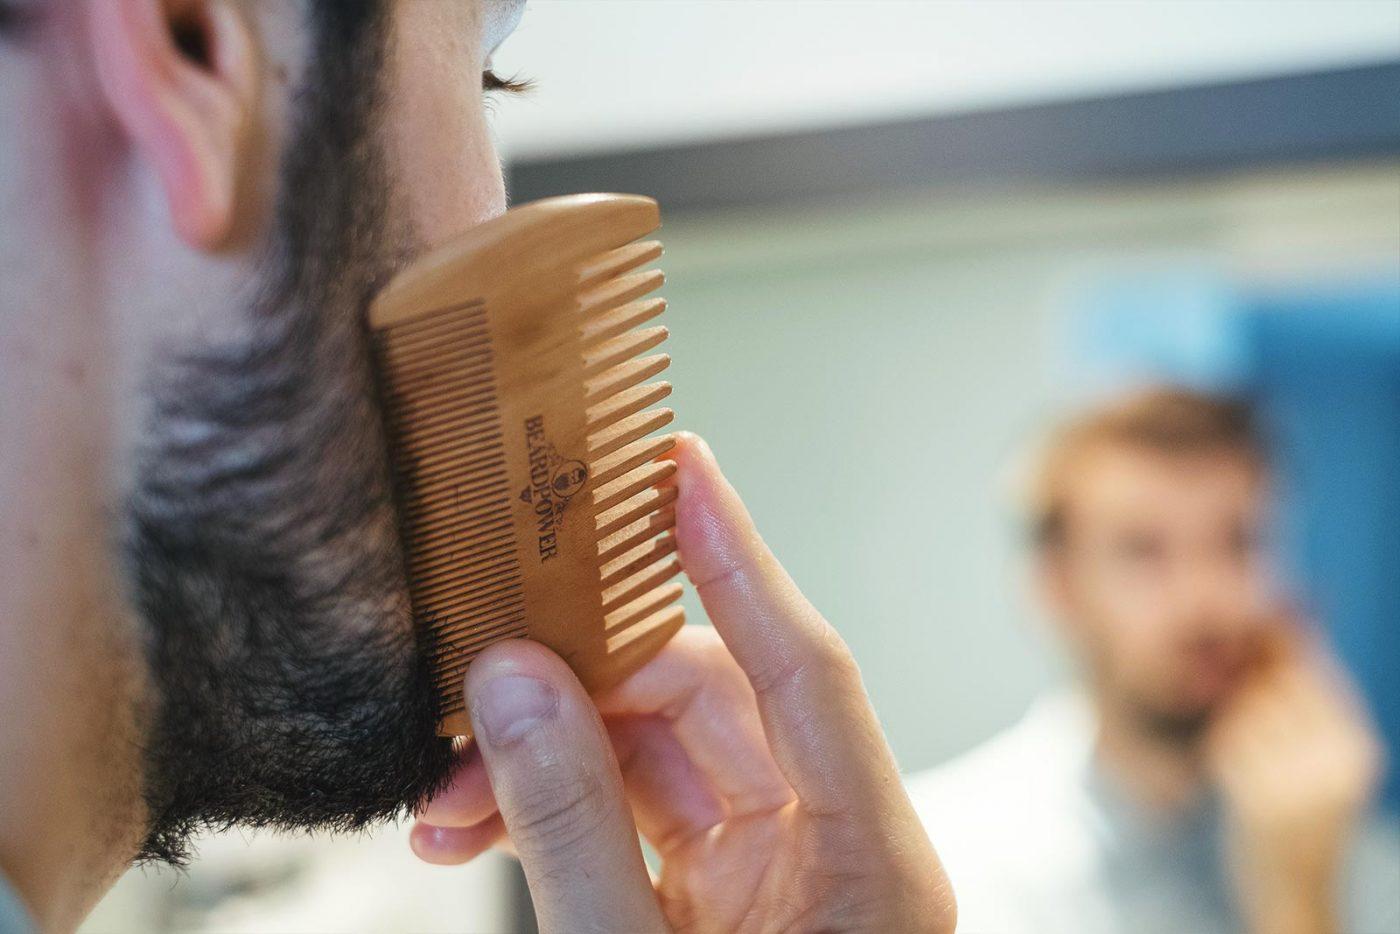 Une barbe plus dense et plus fournie